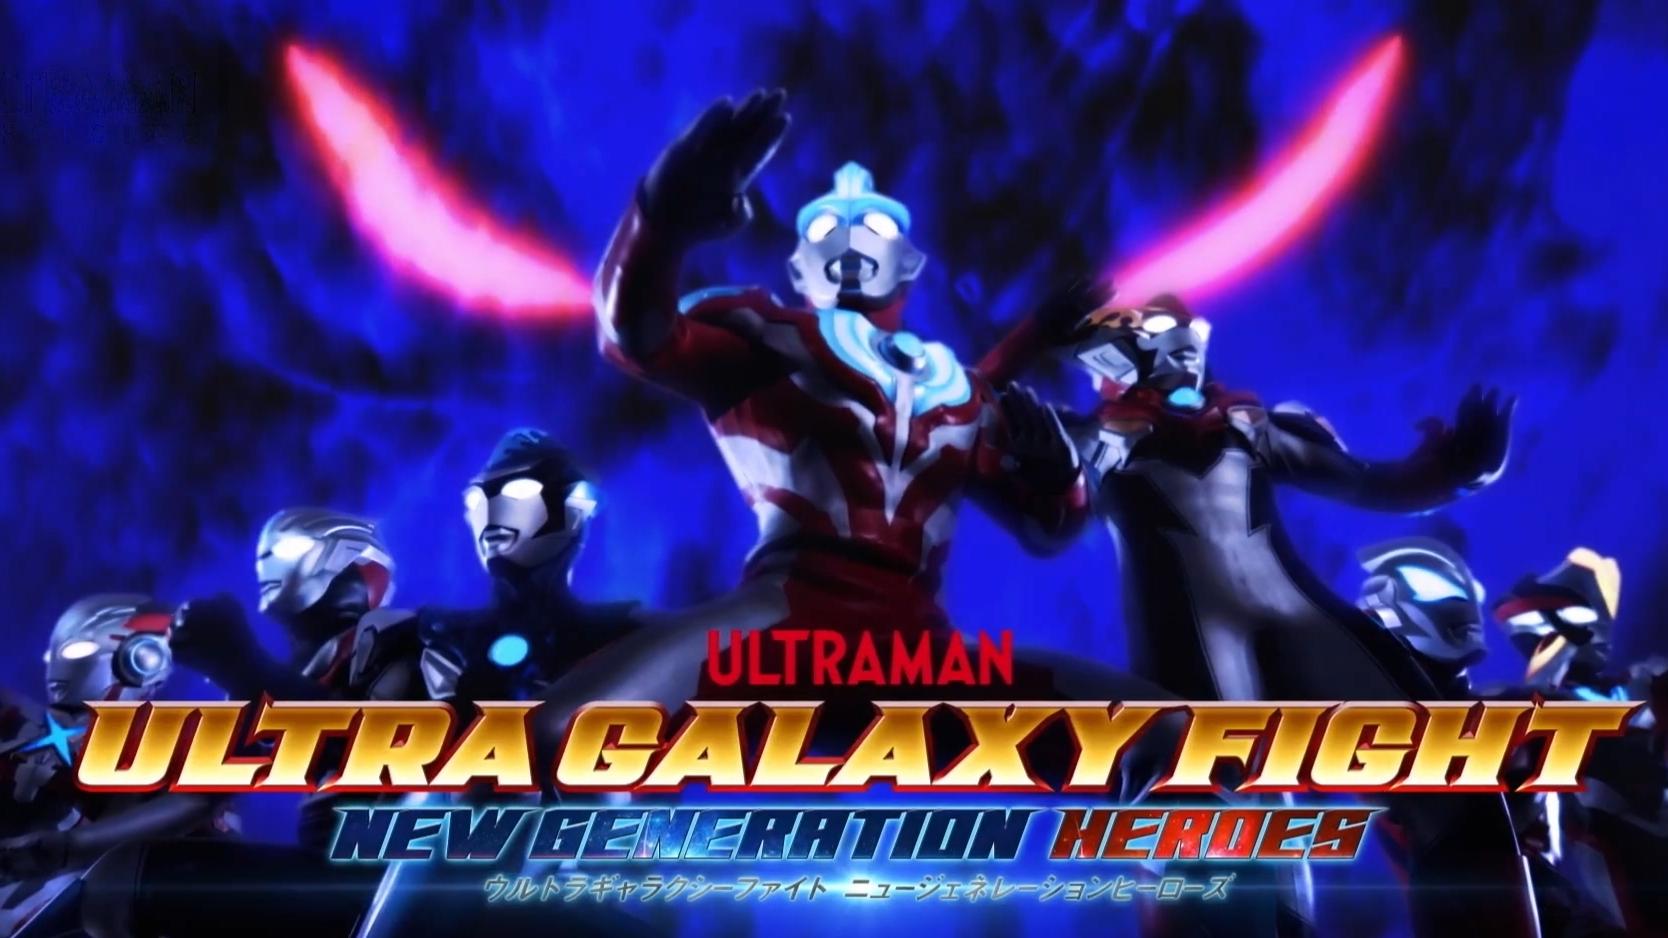 奥特银河格斗:新世代英雄 1080p